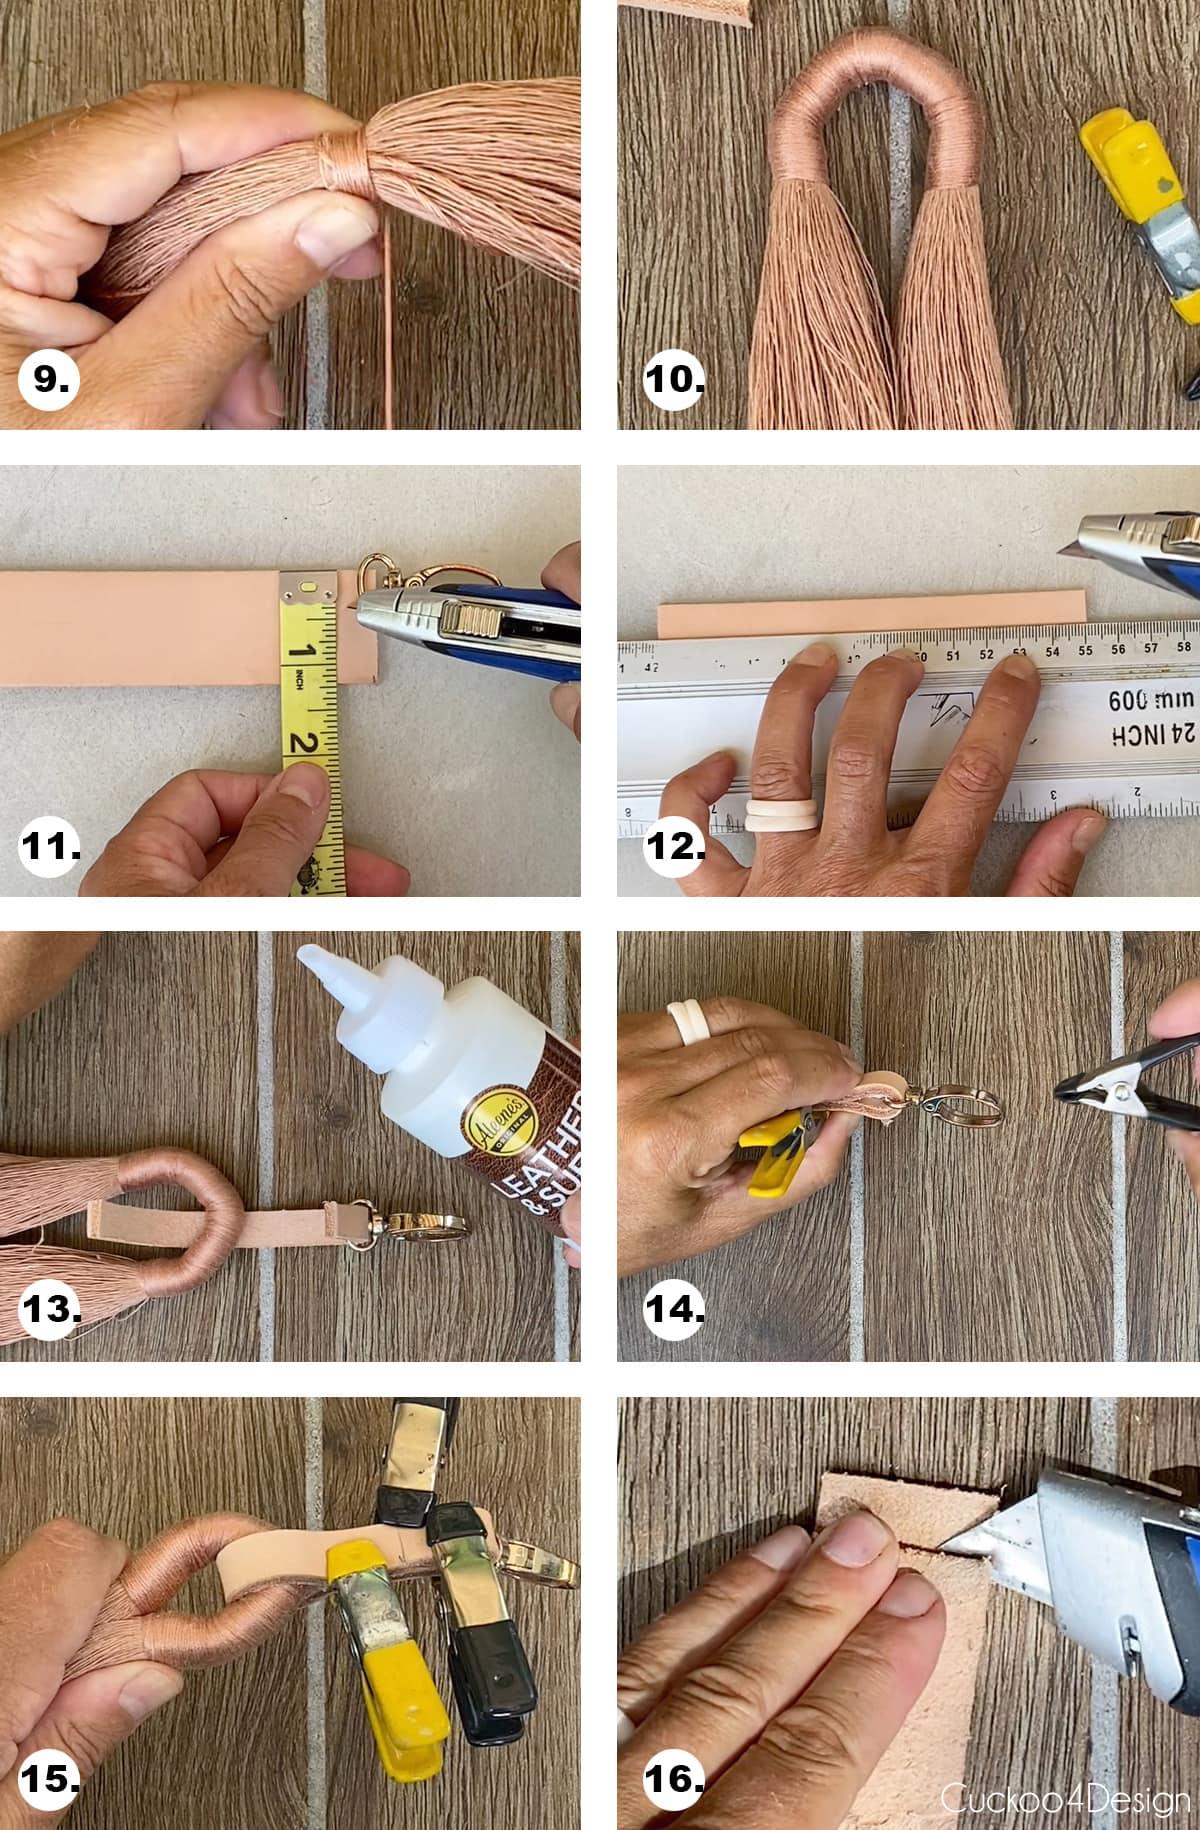 steps 9 through 16 needed to make keychain tassel